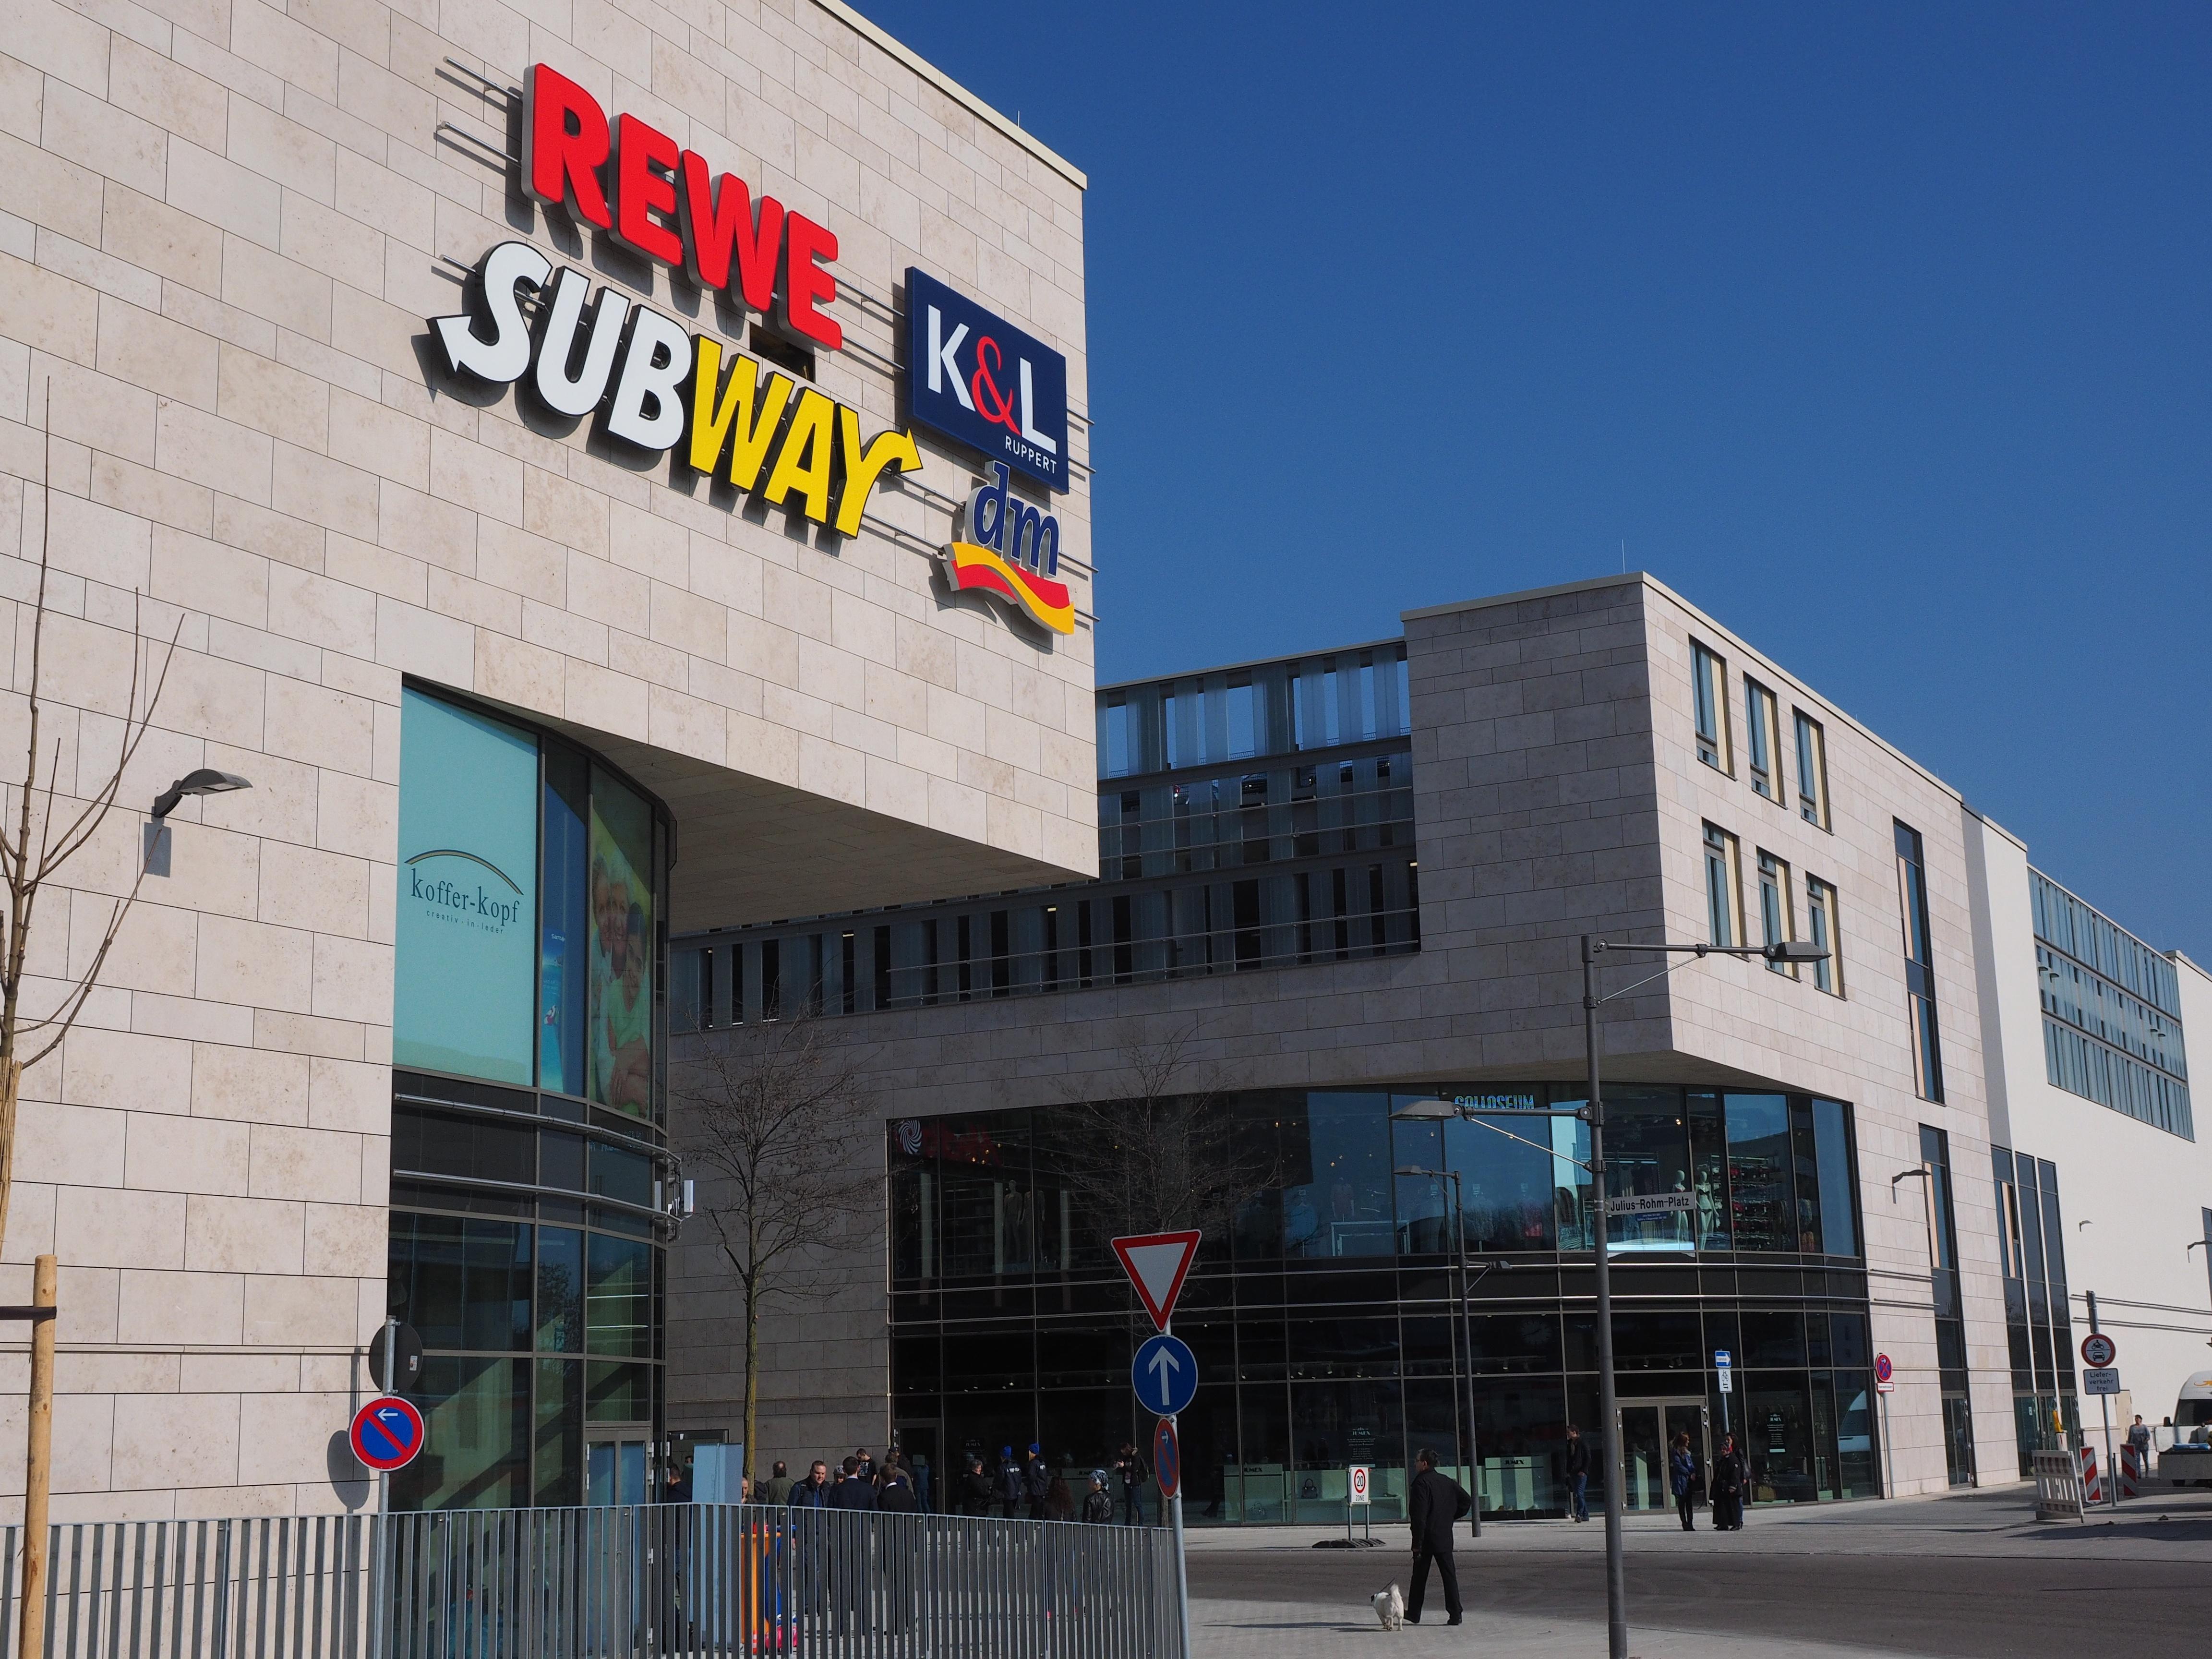 Продажа готового арендного бизнеса в санкт-петербурге прицеп для легкового автомобиля б у купить, частные объявления